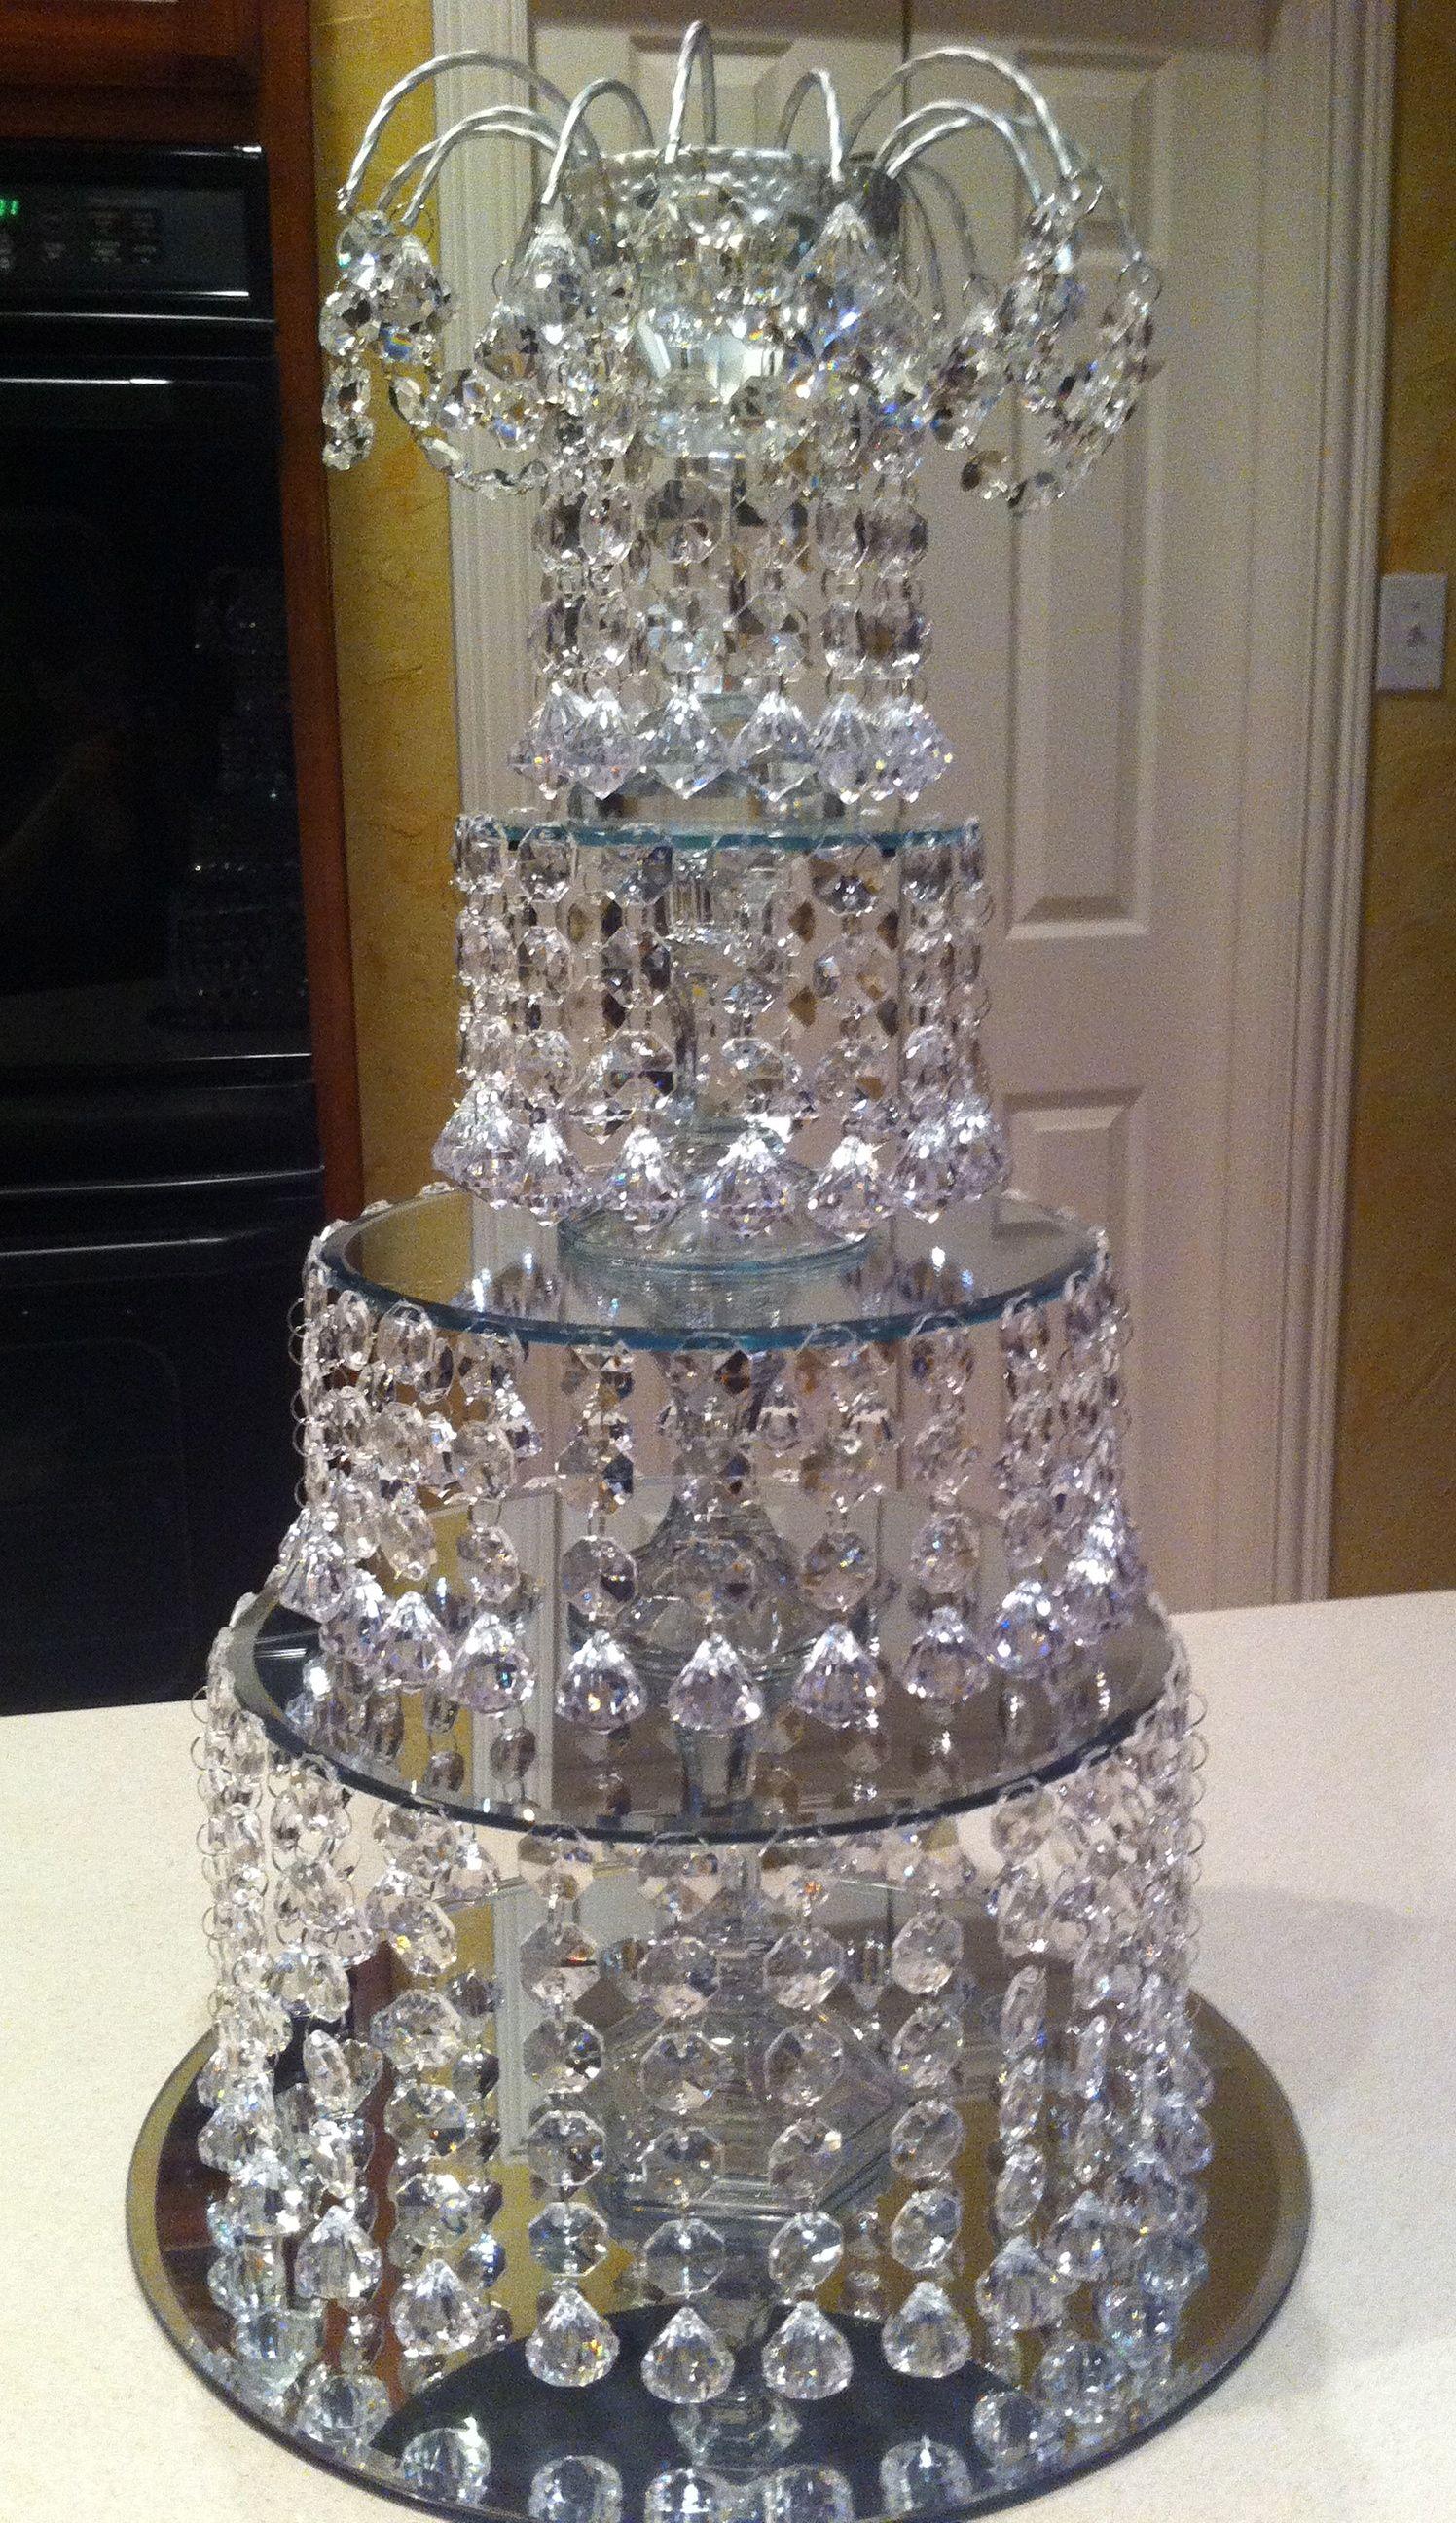 Diy crystal wedding centerpiece bling bling pinterest for Bling decor